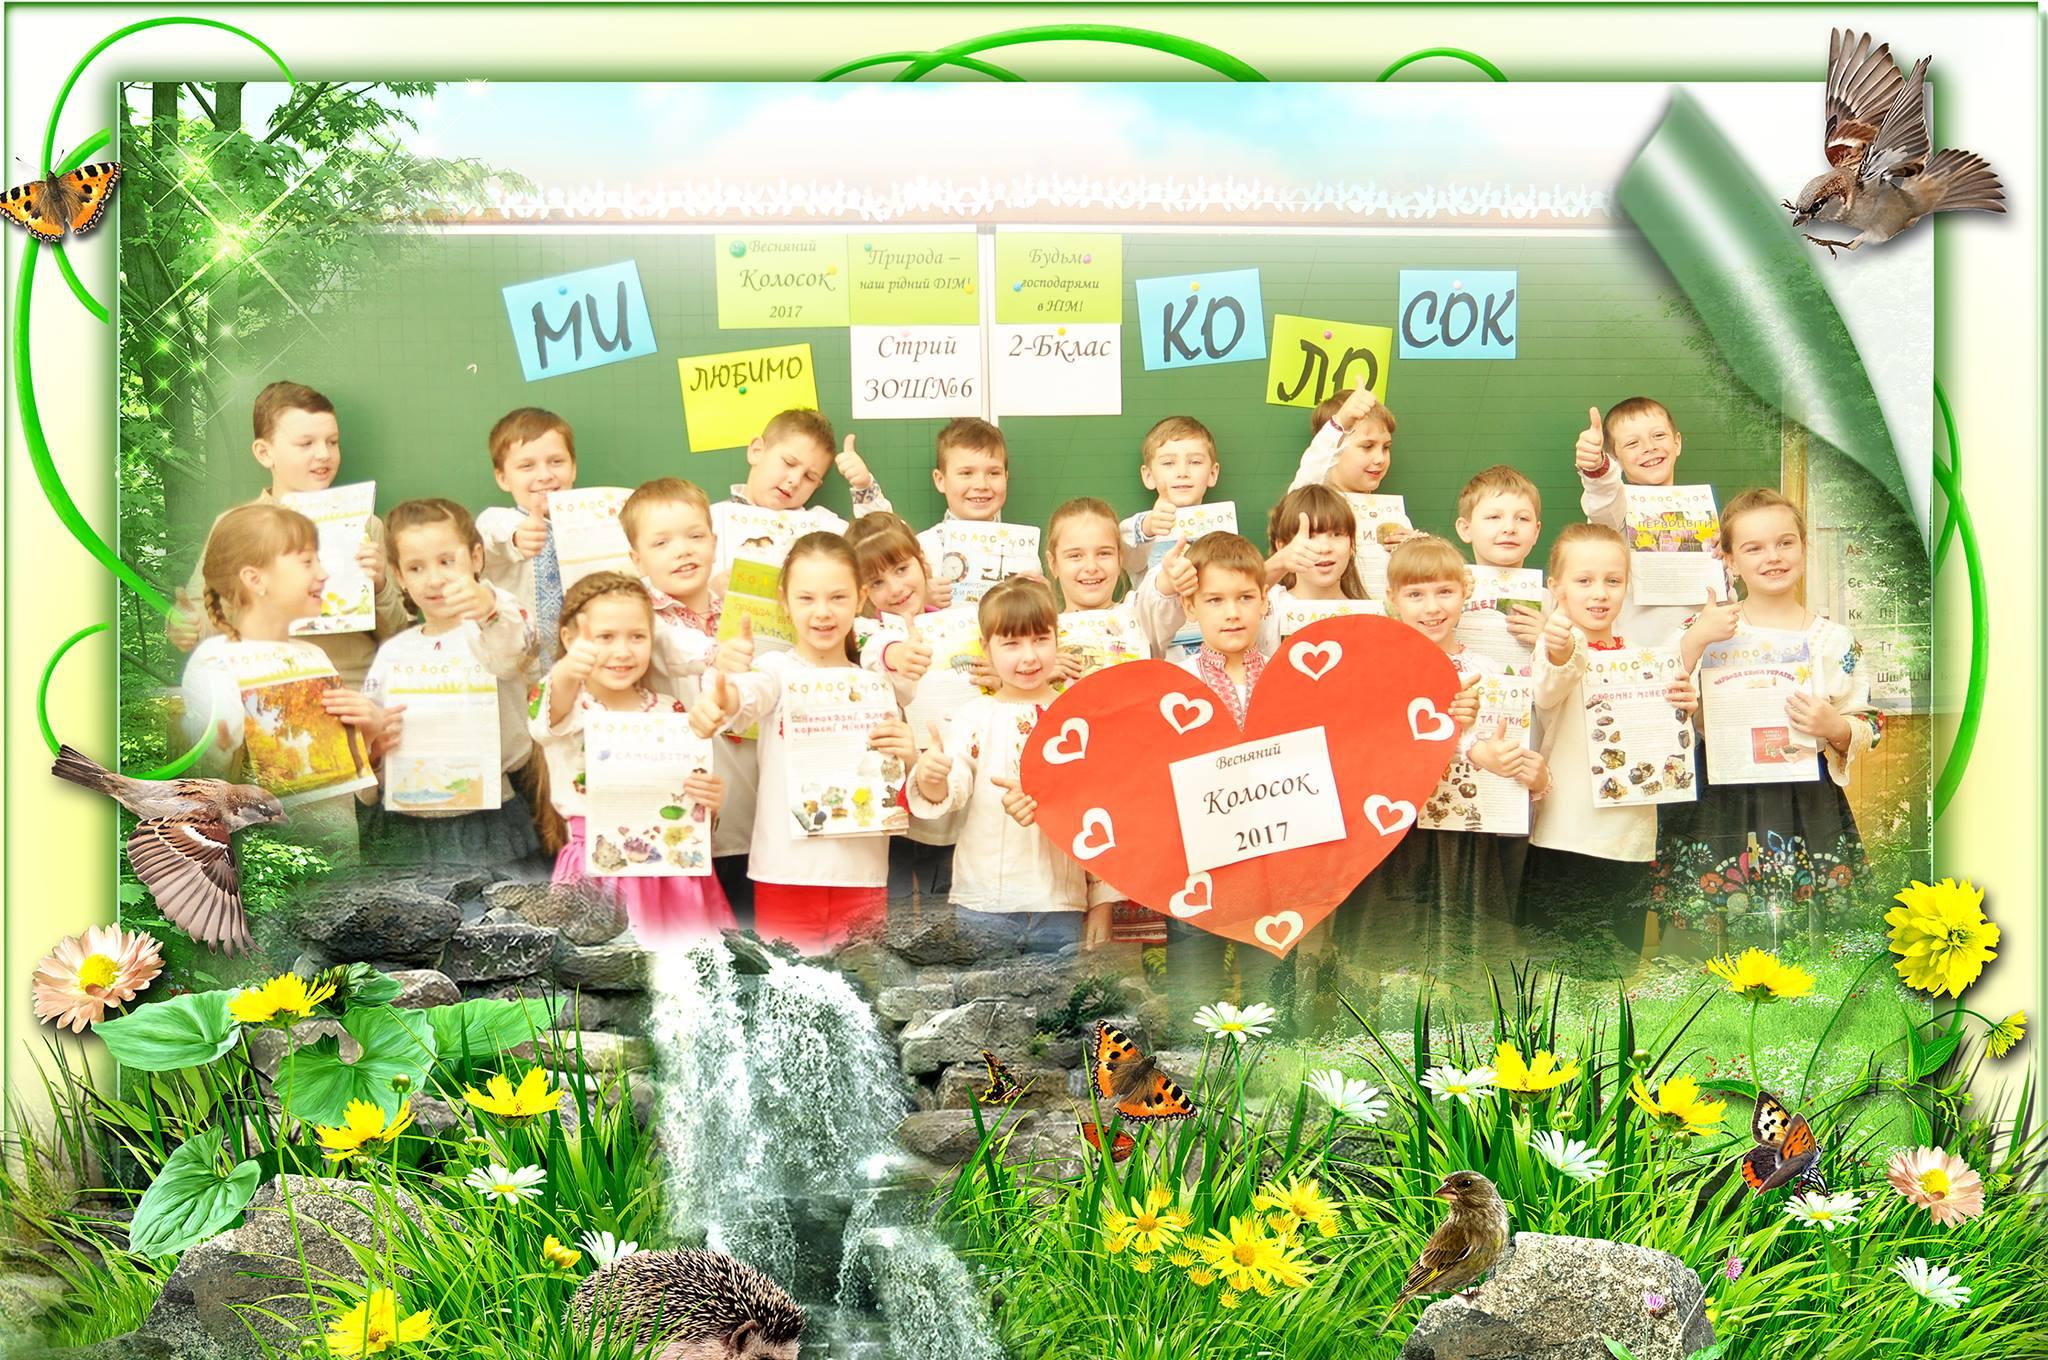 МИ любимо КОЛОСОК - 2-Б клас, м. Стрий_2